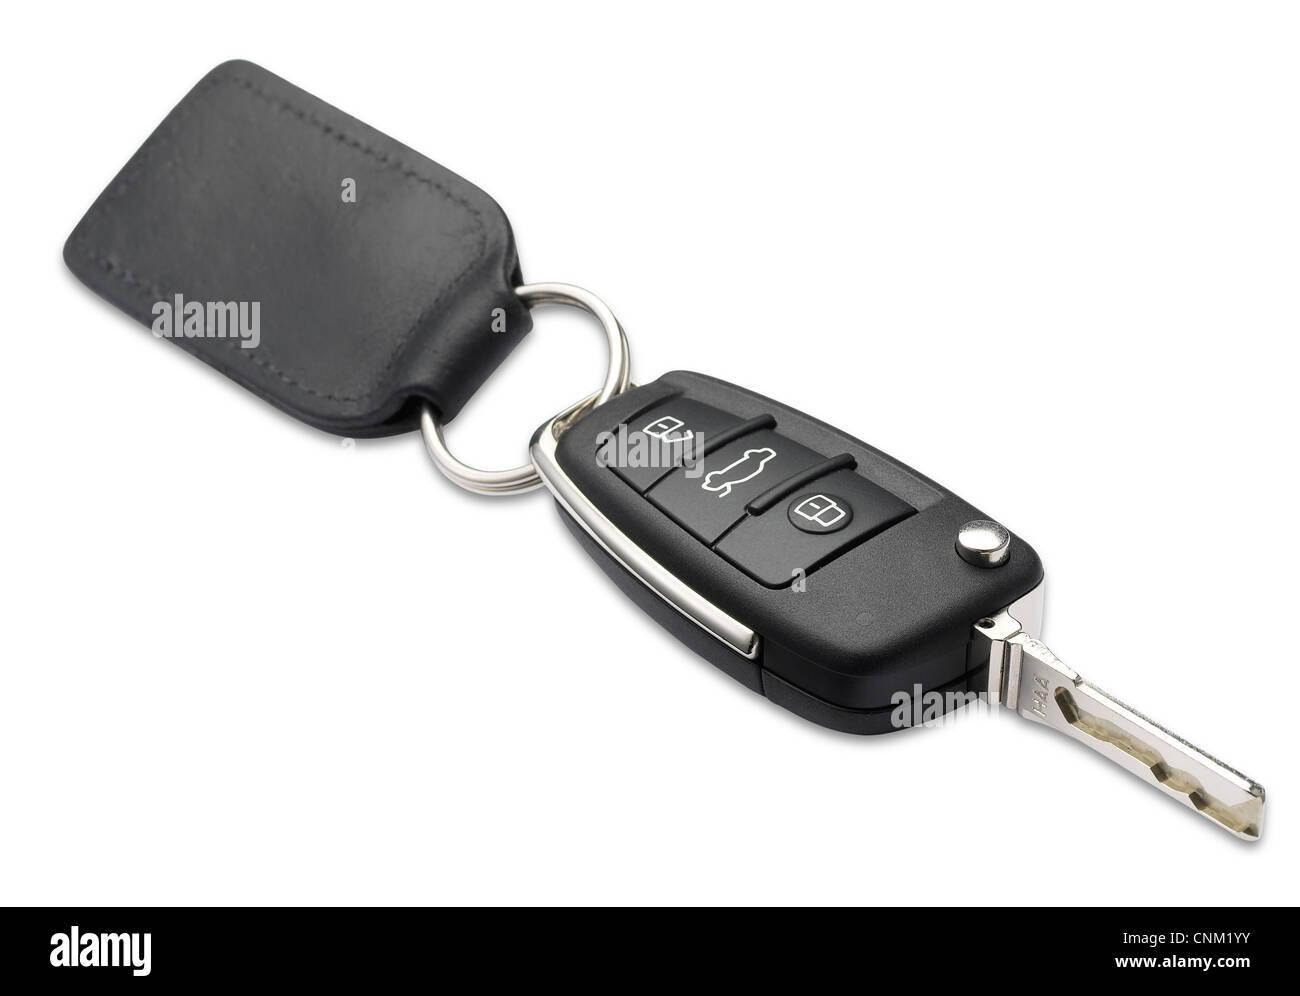 ein Autoschlüssel und Fob mit geringen Schärfentiefe auf weiß mit Beschneidungspfad Stockbild